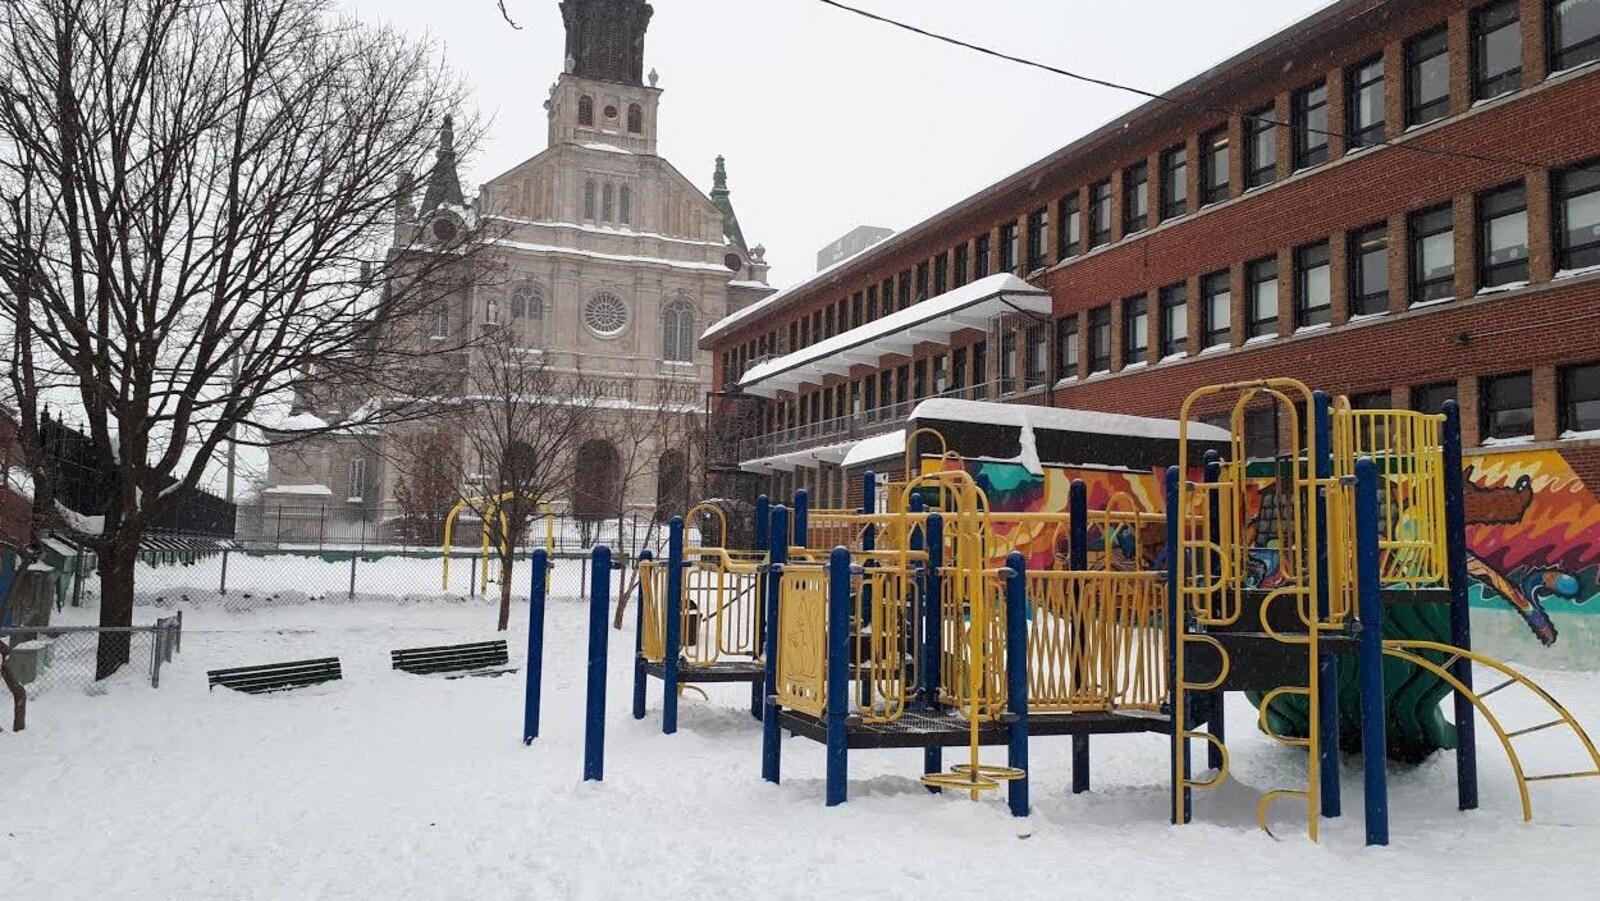 Parc avec de la neige et une église.